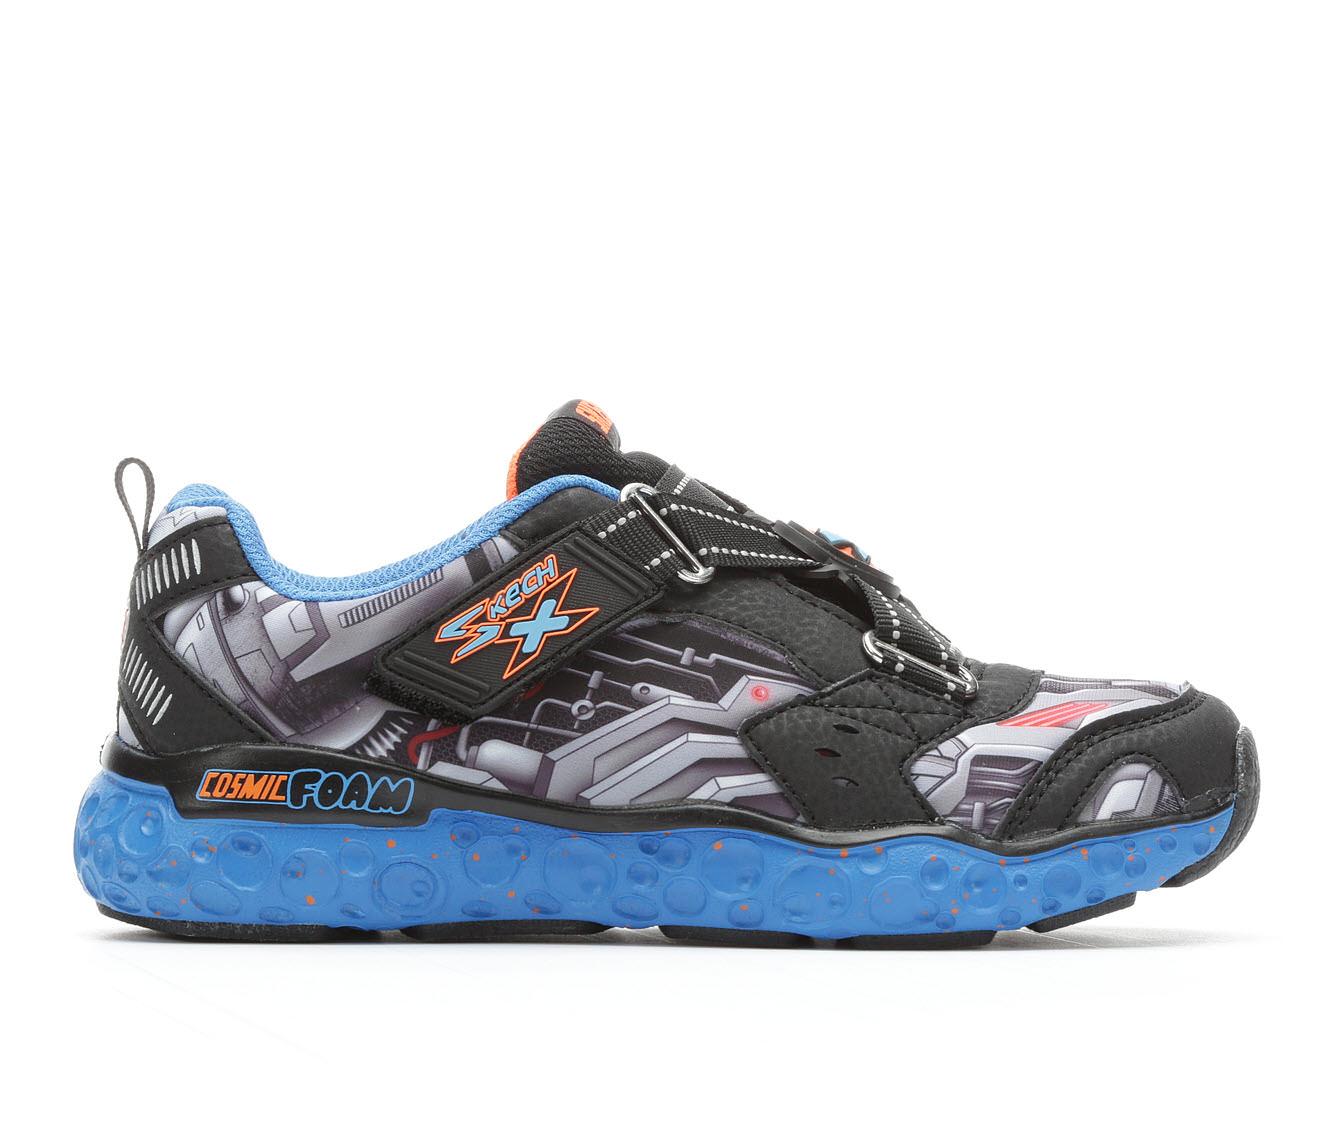 Boys' Skechers Cosmic Foam- Portal X Sneakers (Grey)